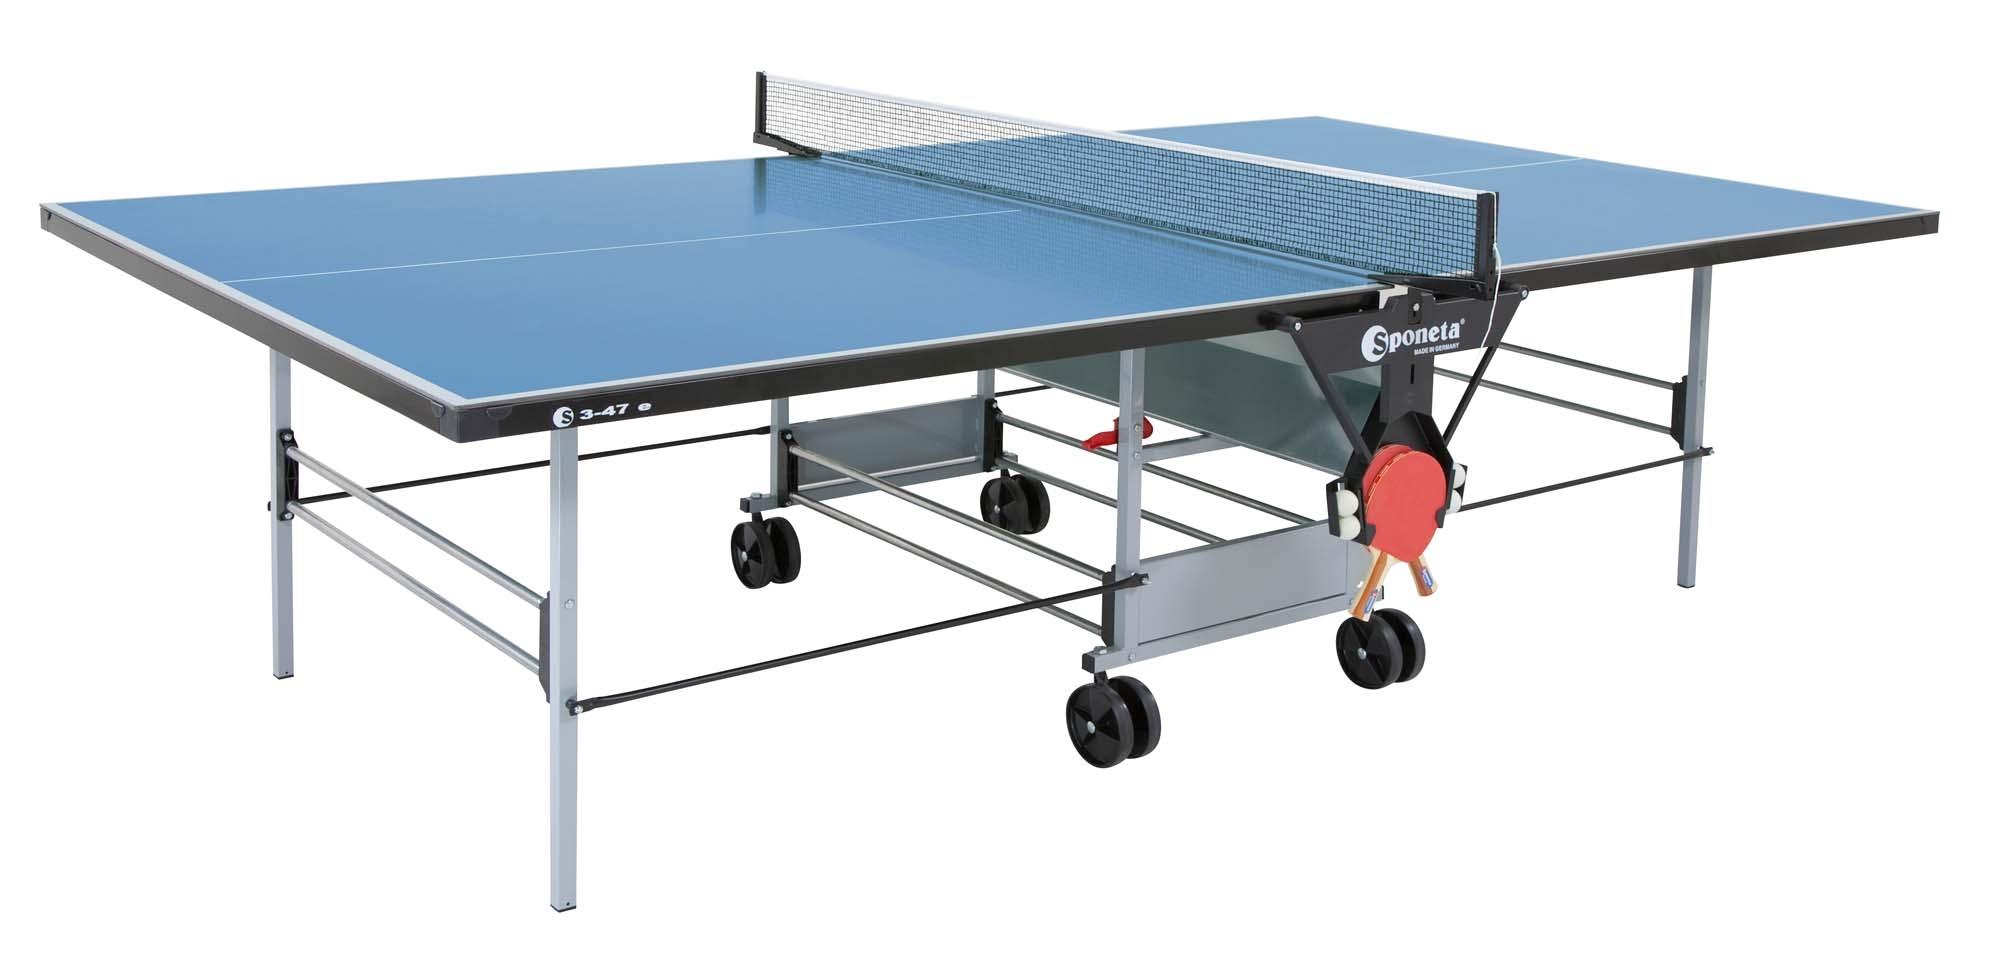 table ping pong sponeta